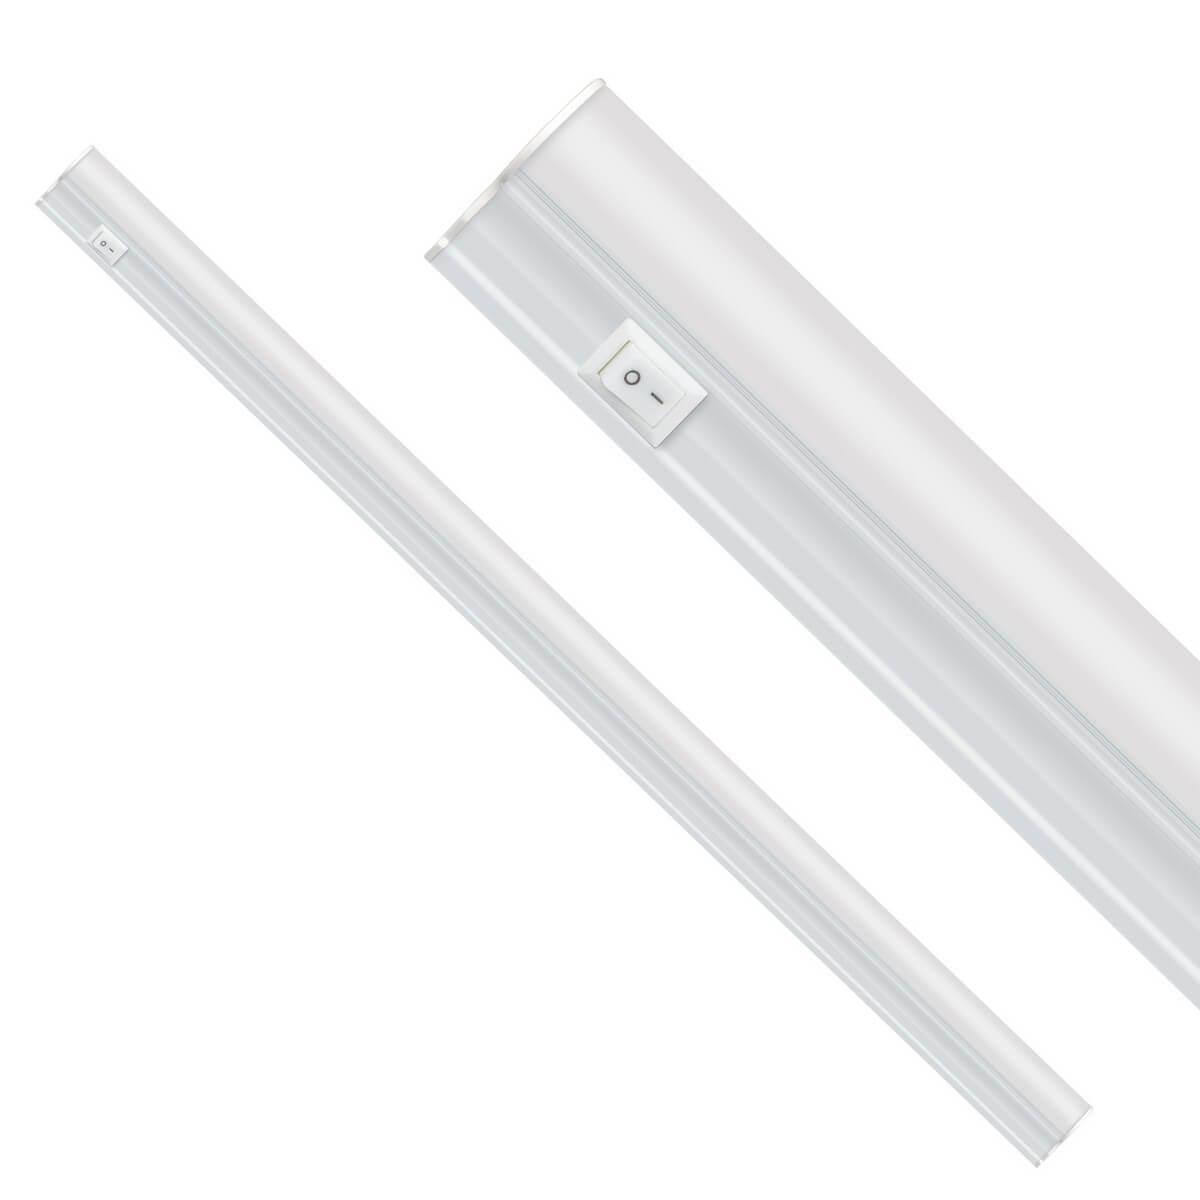 цена на Настенный светодиодный светильник (UL-00002257) Uniel ULI-P10-10W/SPFR IP40 White